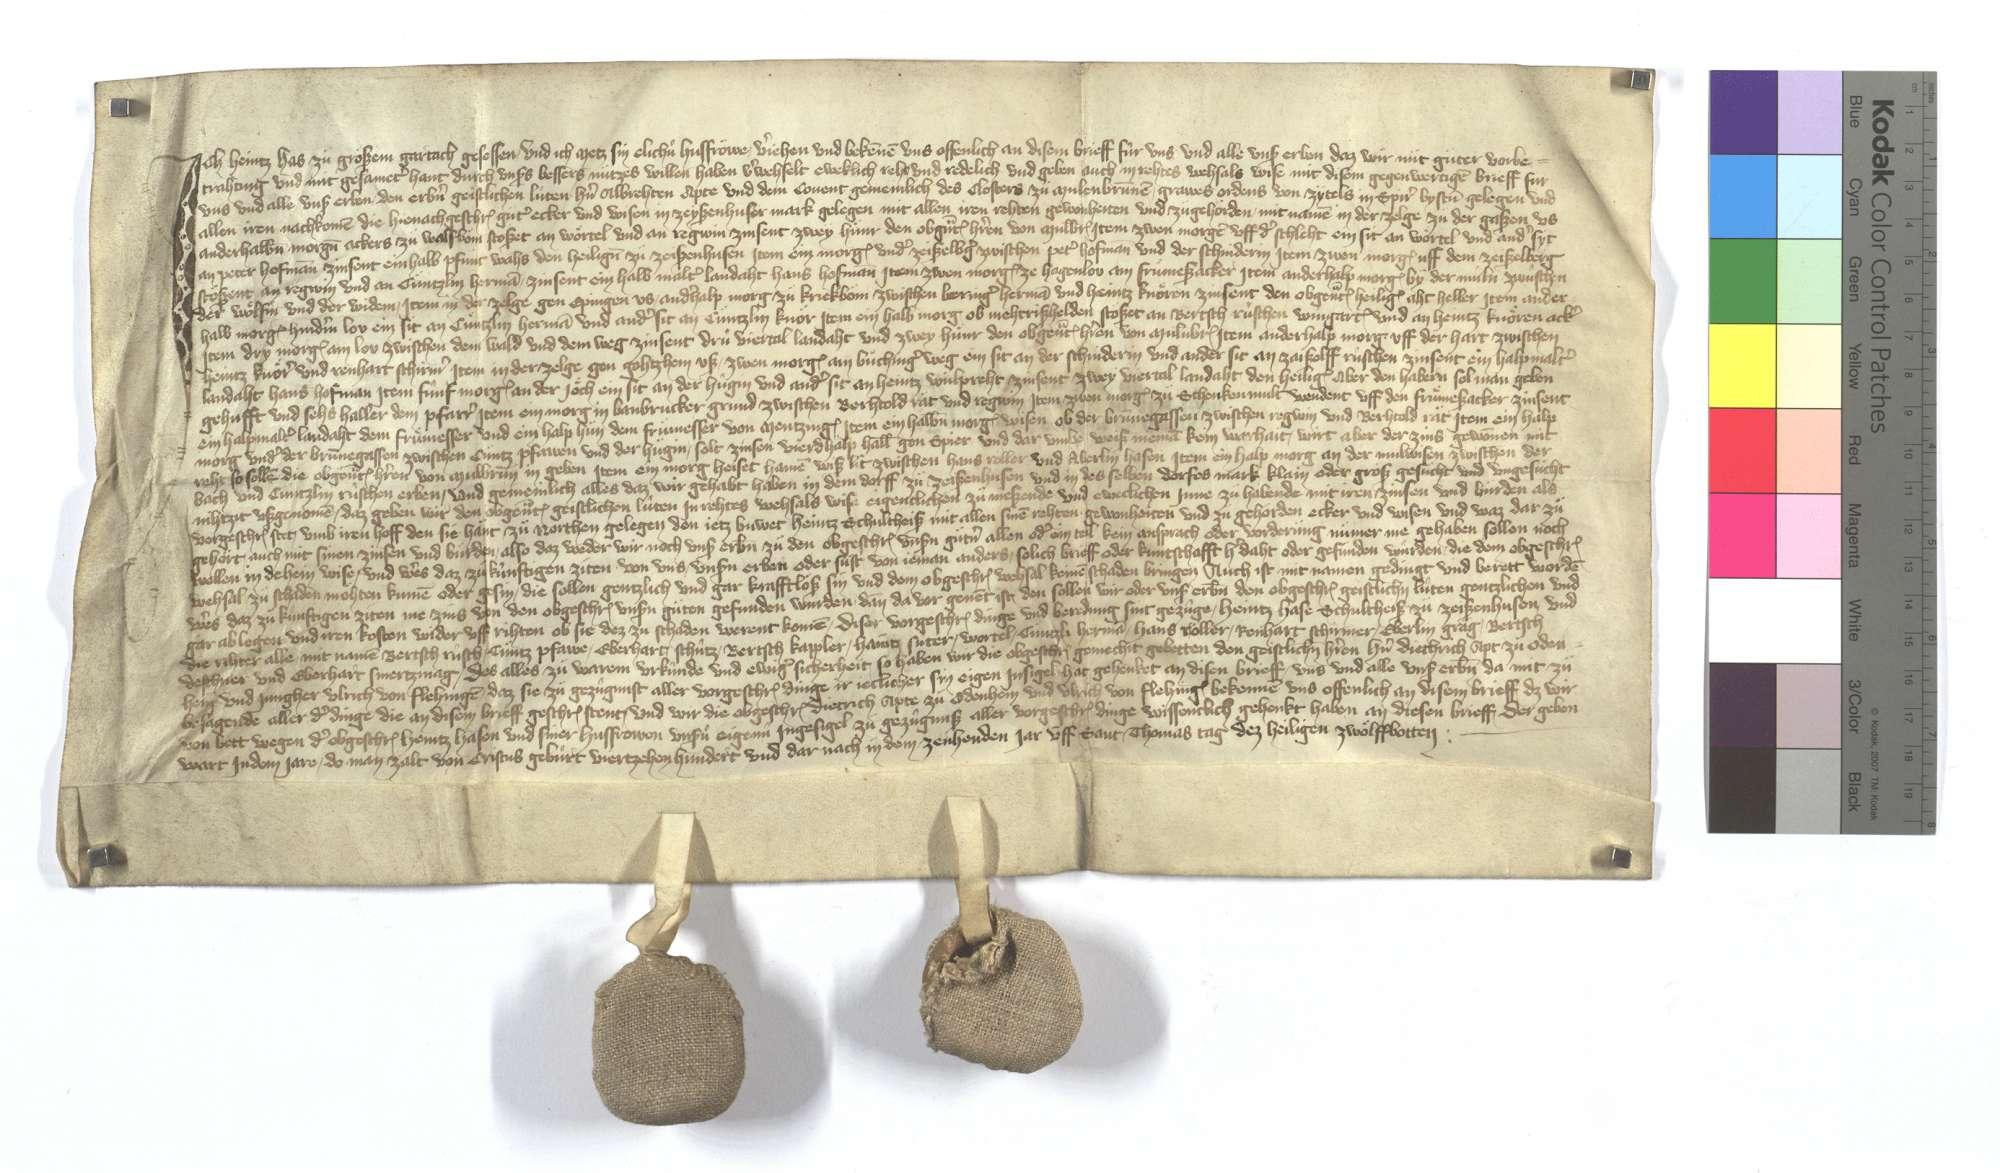 Heinz Has von Großgartach (Großem Gartach) verkauft dem Kloster Maulbronn seine Güter in Zaisenhausen gegen den Hof zu Nordheim., Text